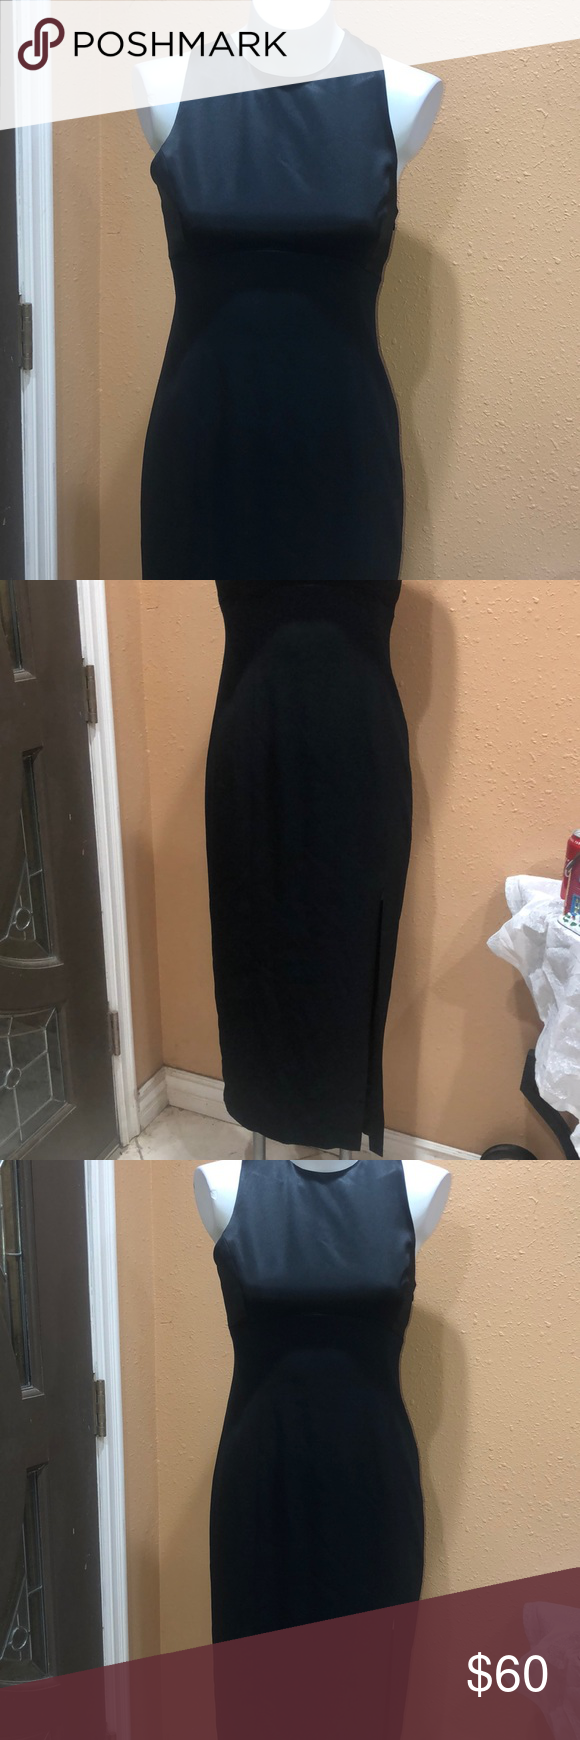 Tahari Long Black Dress Long Black Dress Black Dress Dresses [ 1740 x 580 Pixel ]